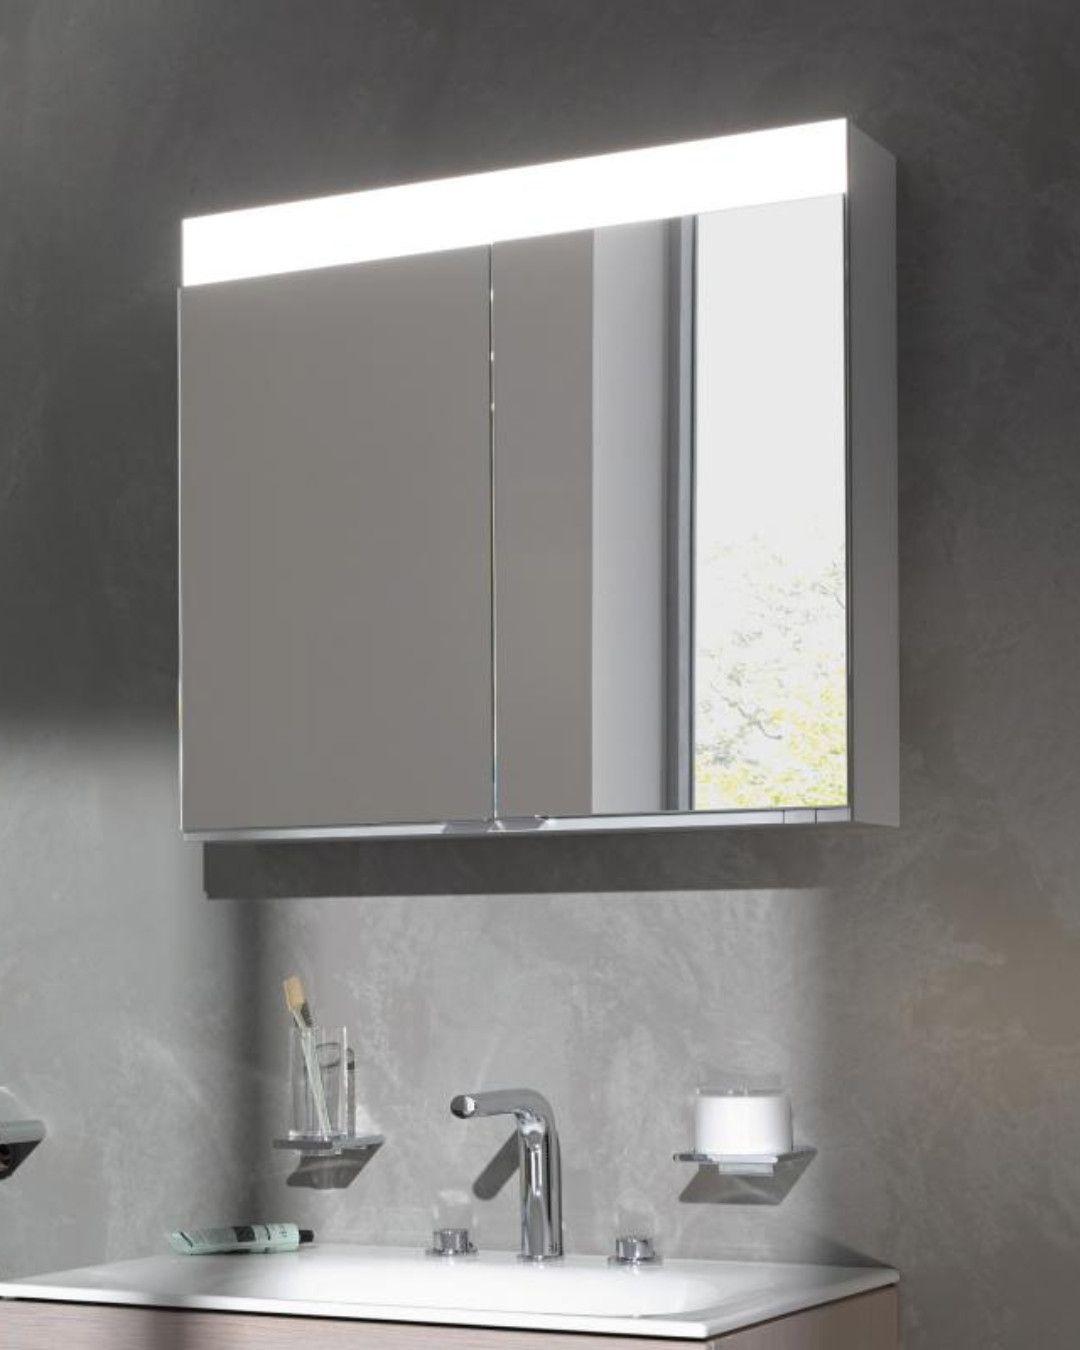 Keuco Edition 400 Ein Blickfang Mit Led Beleuchtung Fur Ihr Modernes Bad Der Geraumige Spiegelschrank Verfugt U In 2020 Spiegelschrank Led Beleuchtung Spiegelheizung